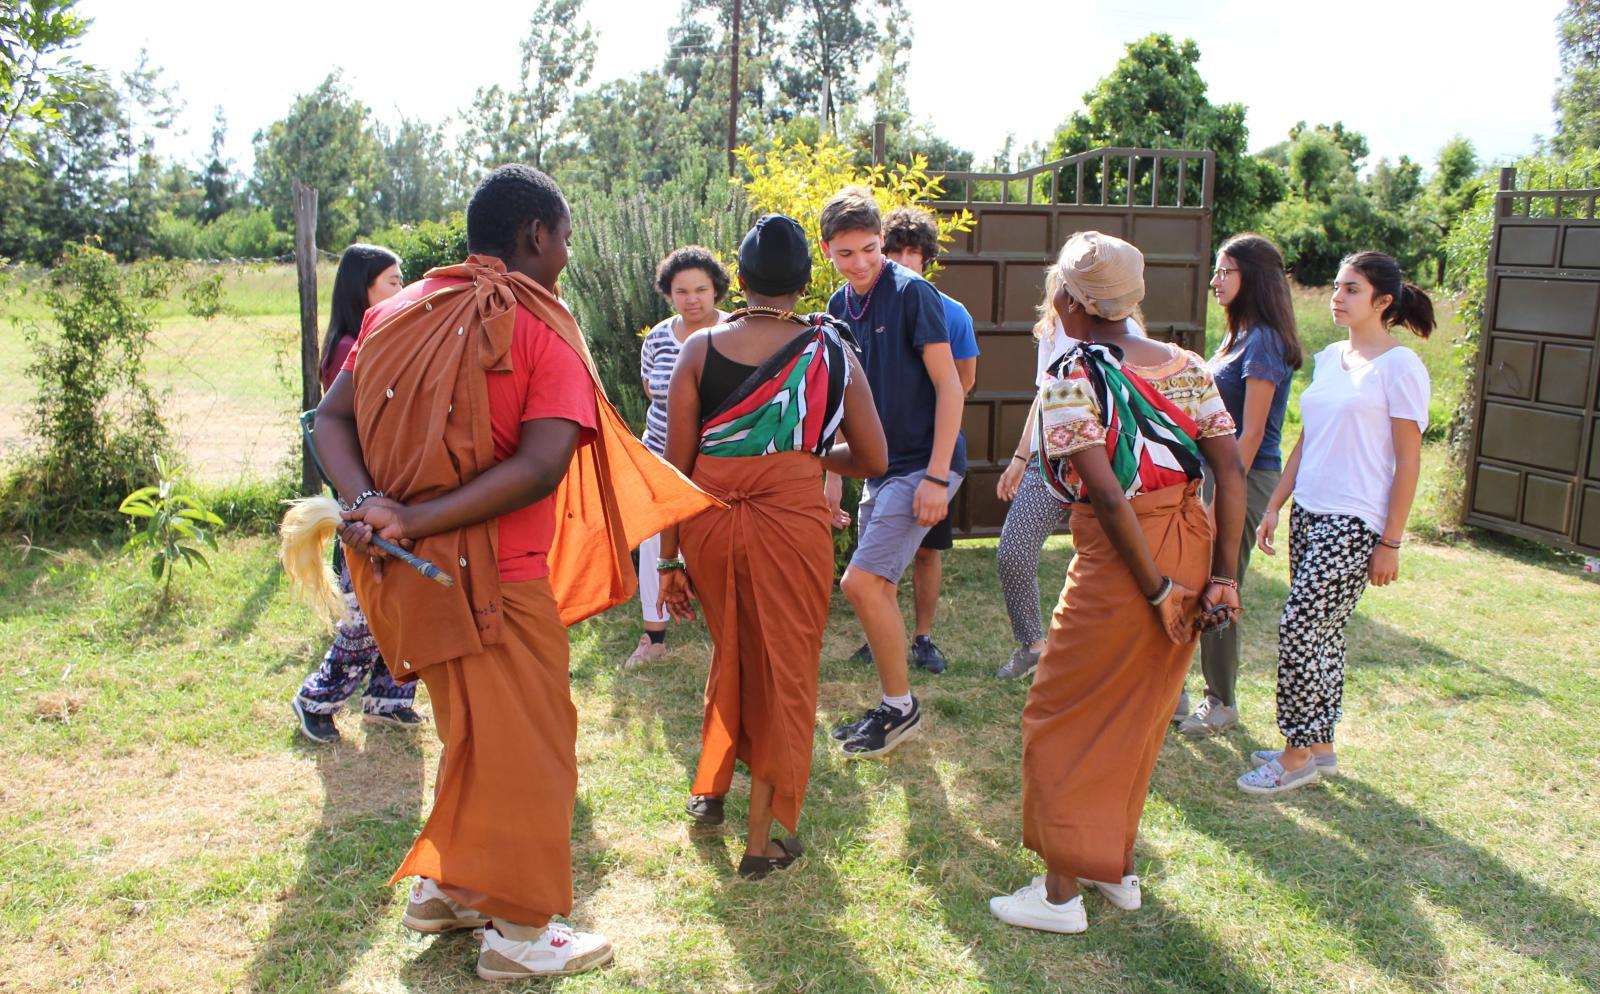 Projects Abroad ungdomsvolontärer lär sig mer om kulturen i Kenya genom traditionella danser och blir mer kulturellt medvetna